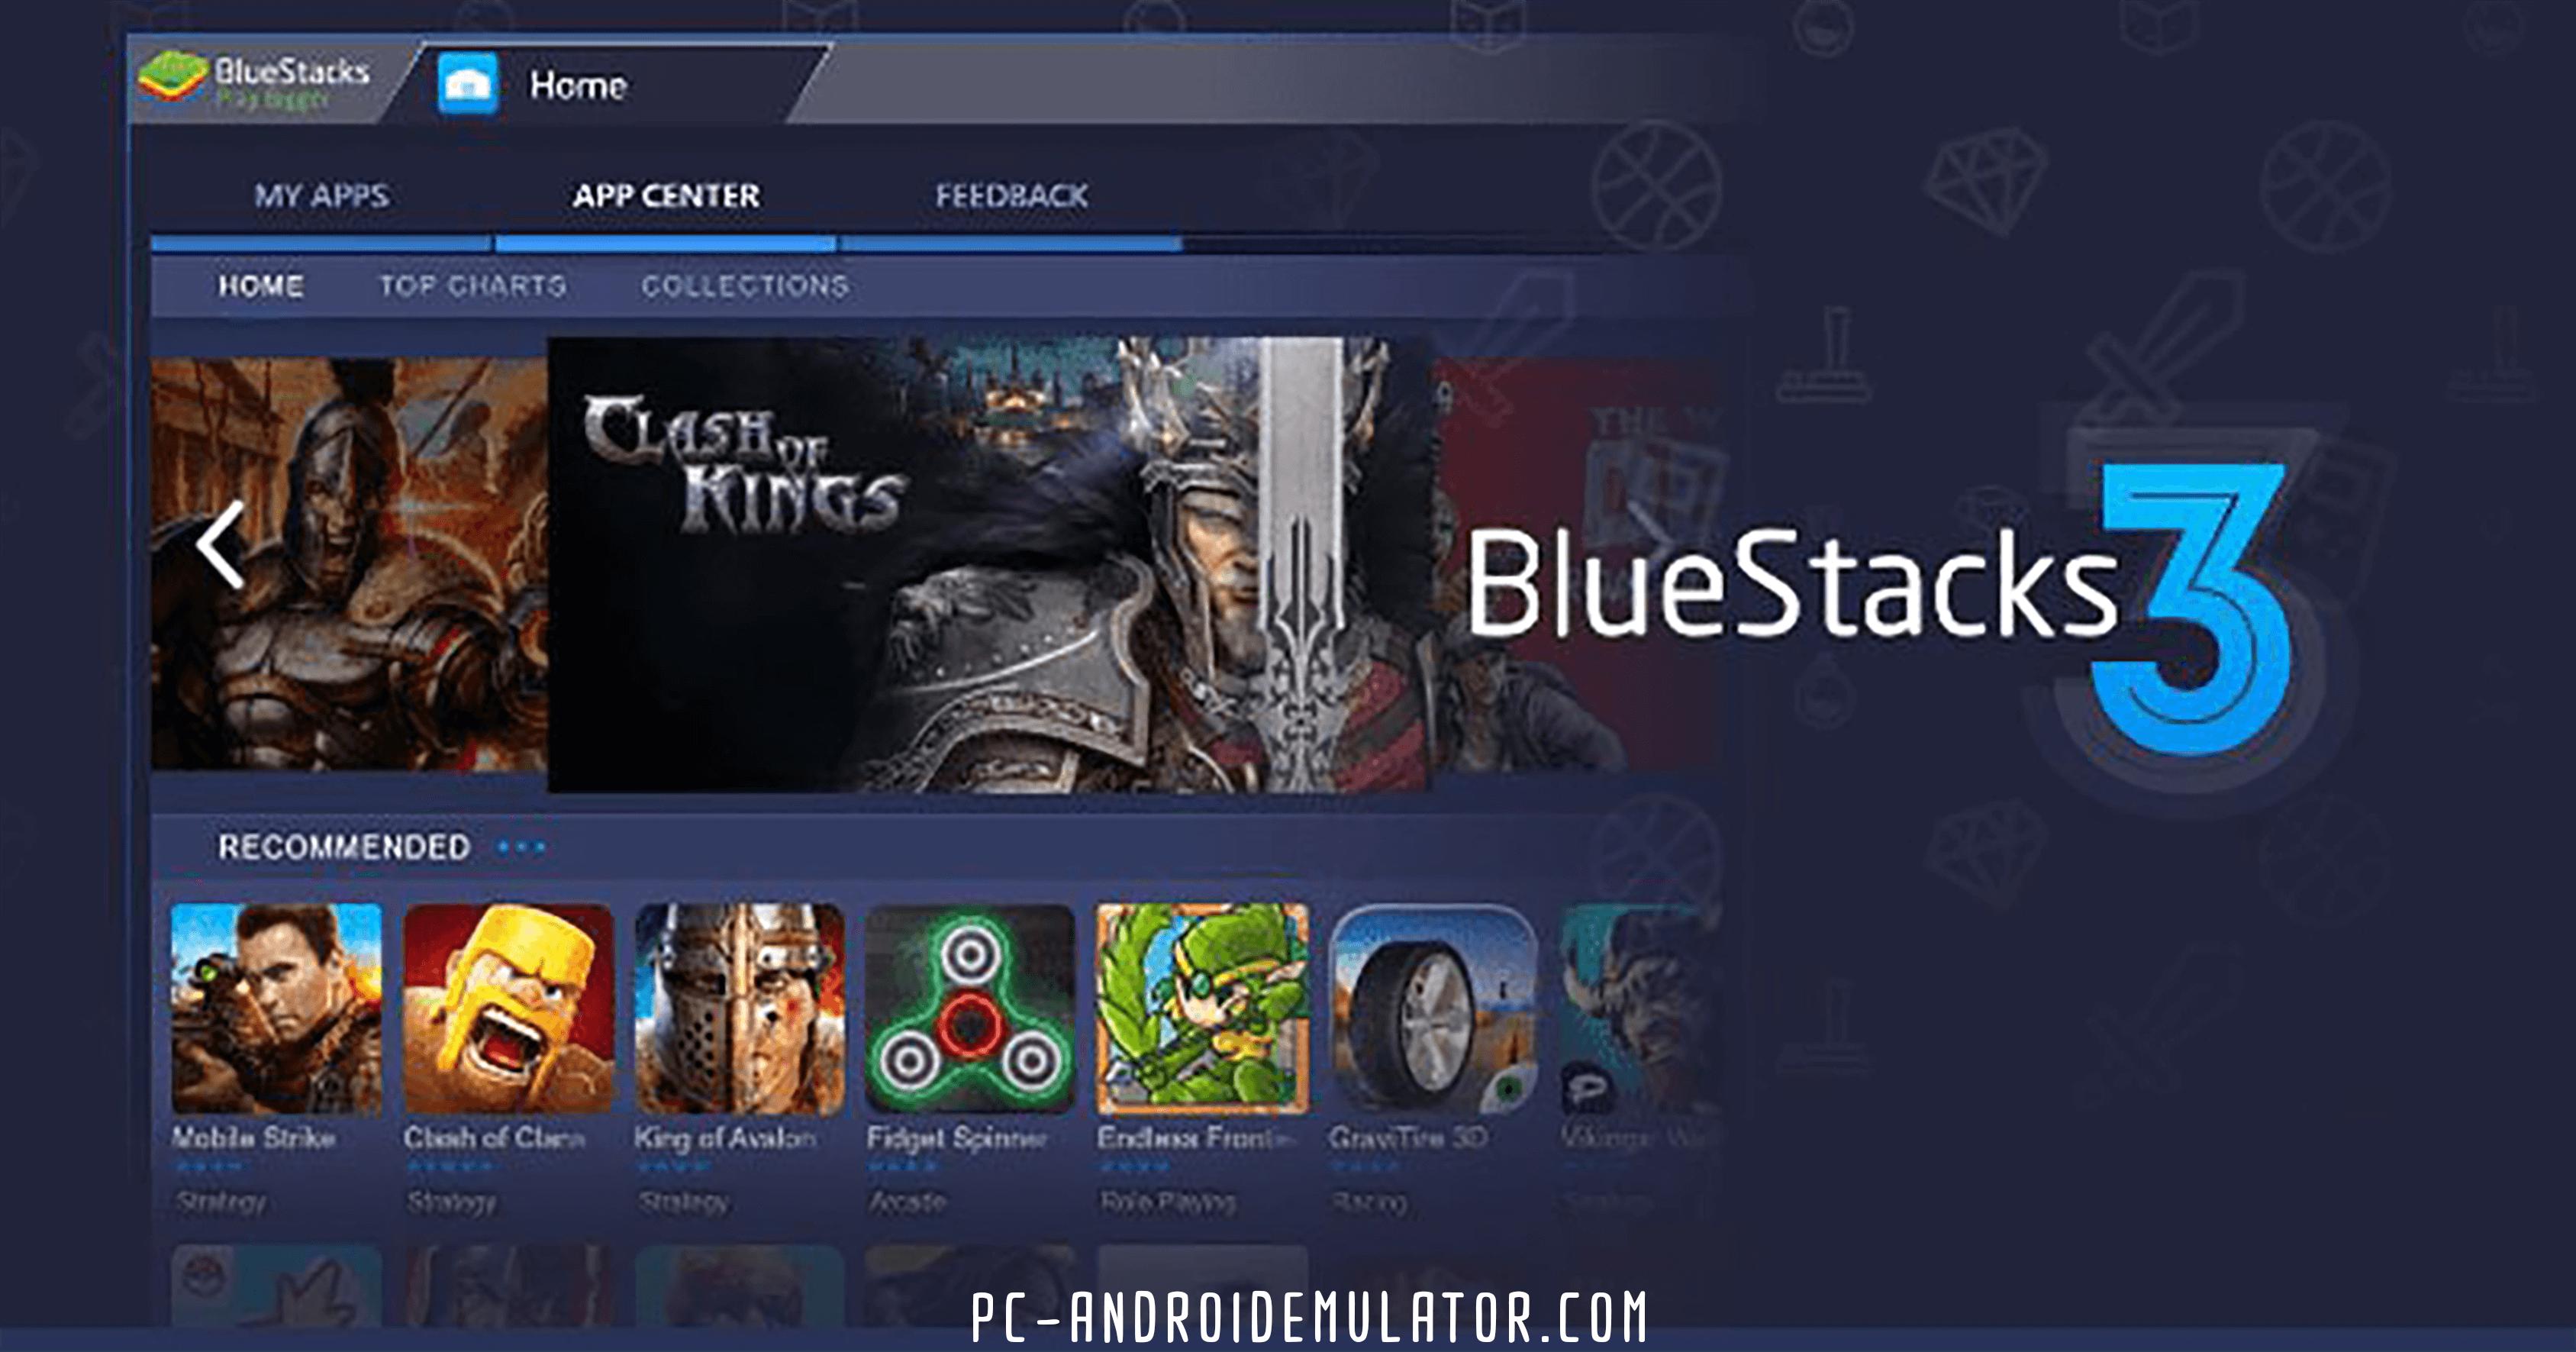 تحميل محاكي Blue Stacks 3 LITE للأجهزة الضعيفة